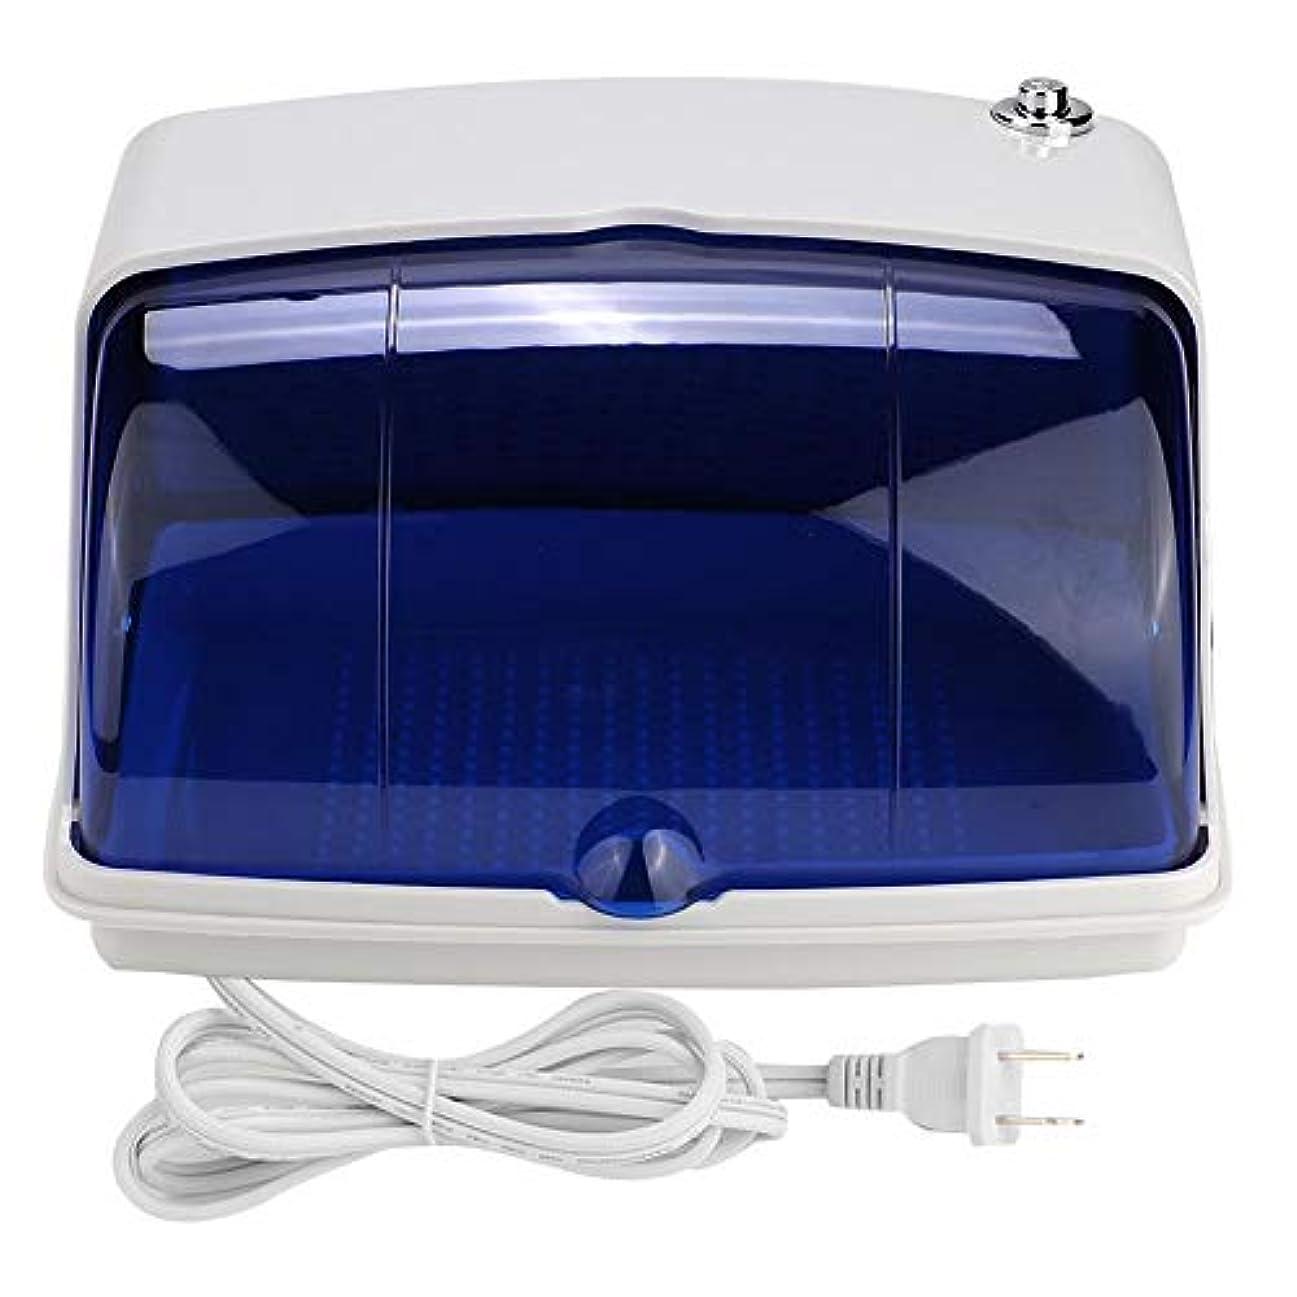 シンボル極めて重要な価値紫外線用具の滅菌装置のキャビネット、専門タオルは電気器具の消毒の滅菌タオルの滅菌装置の衣類、タオル、毛布、等のための滅菌装置に着せます(USプラグ110V)